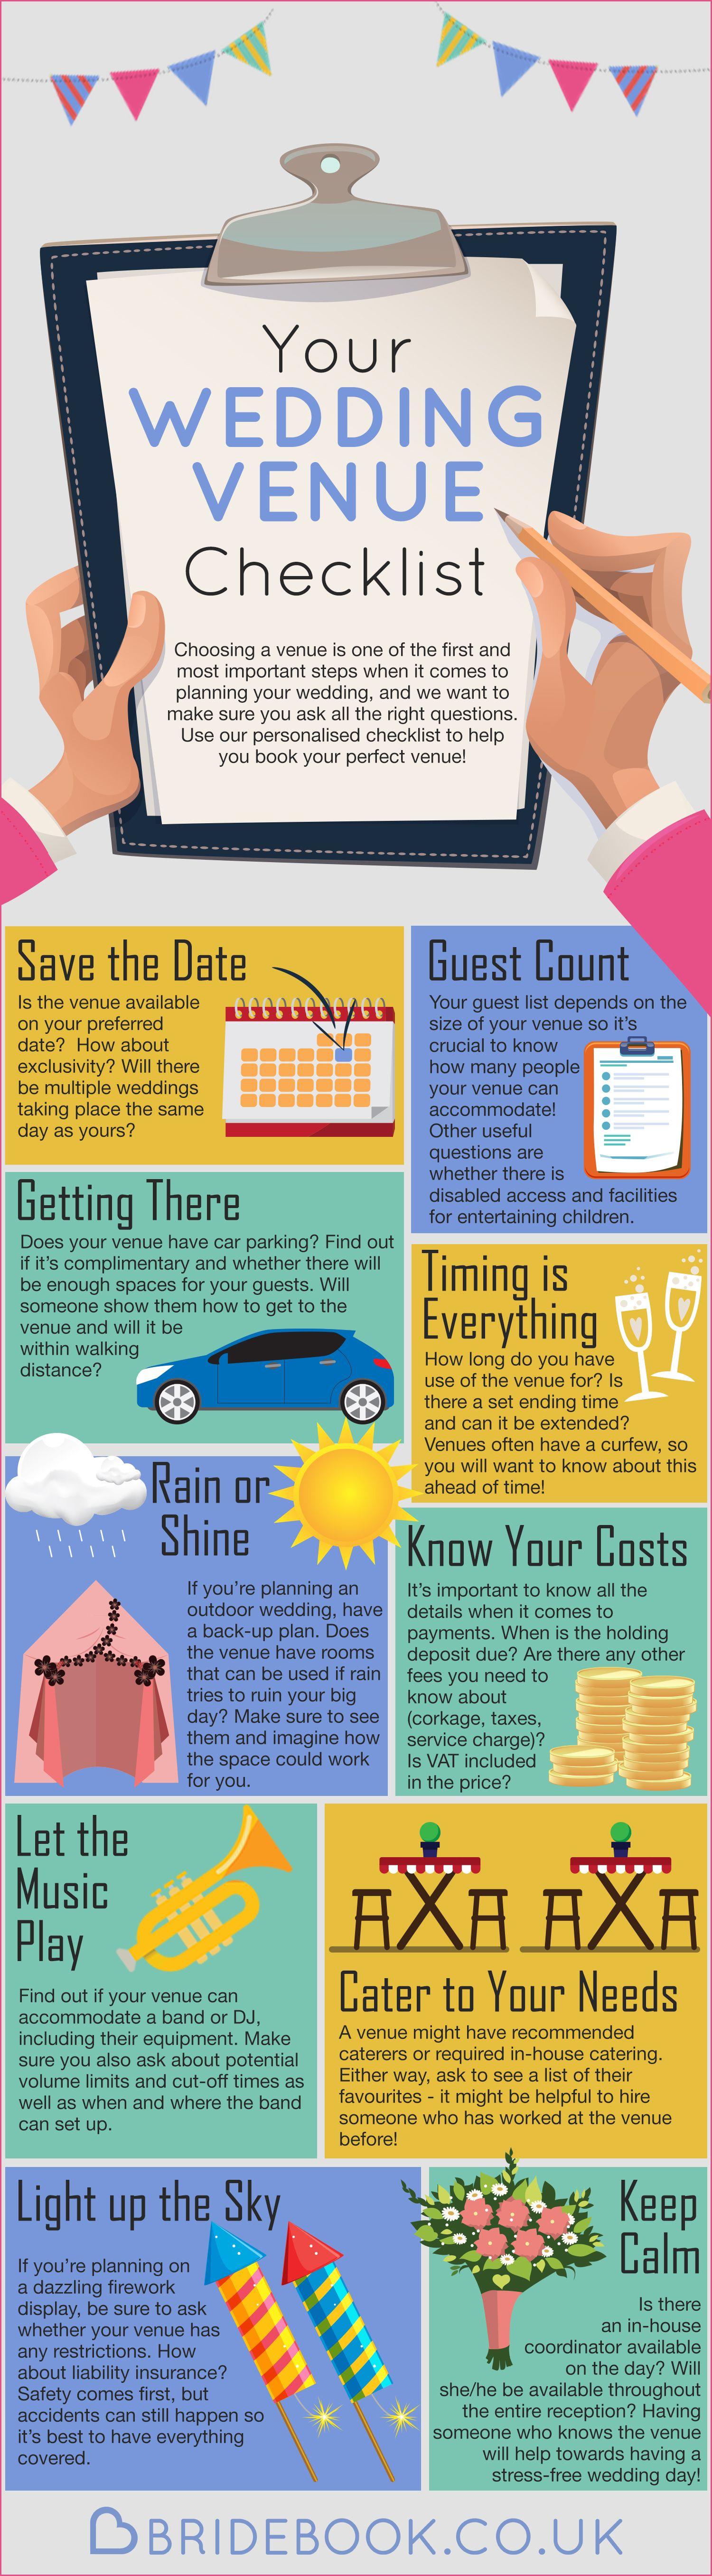 Introduction Your Wedding Venue Wedding ChecklistsWedding Planning